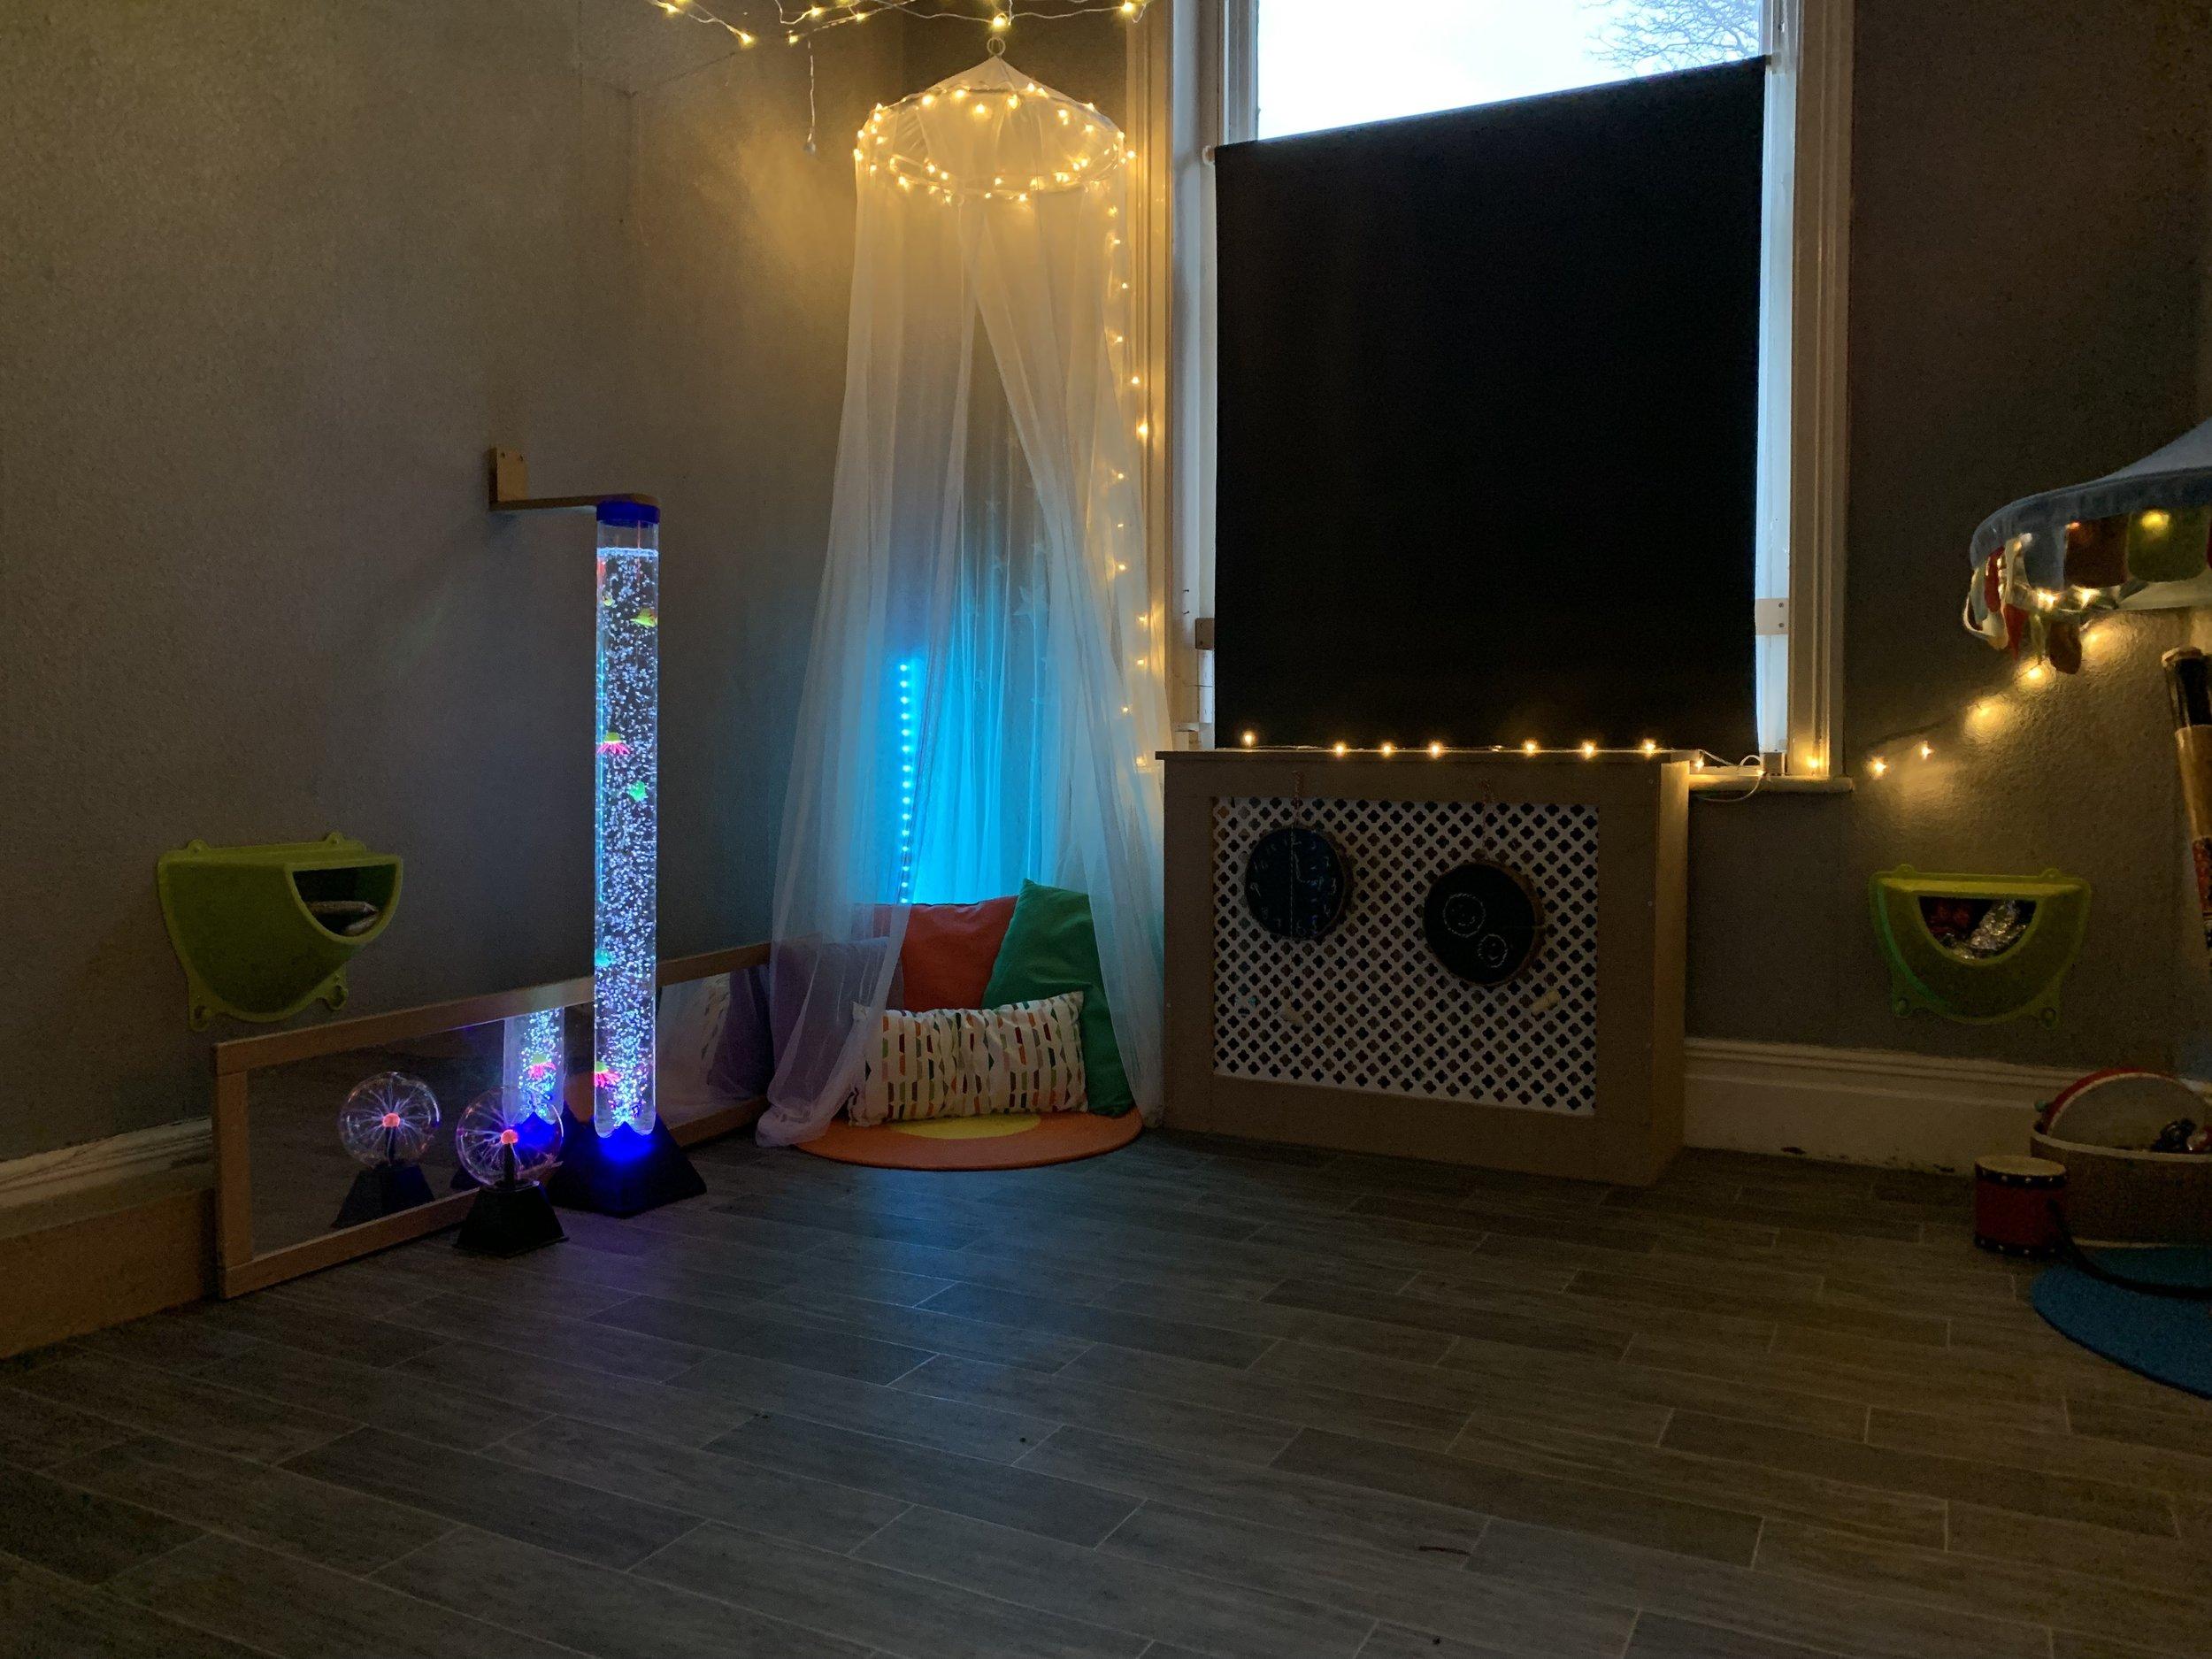 Our Sensory Room